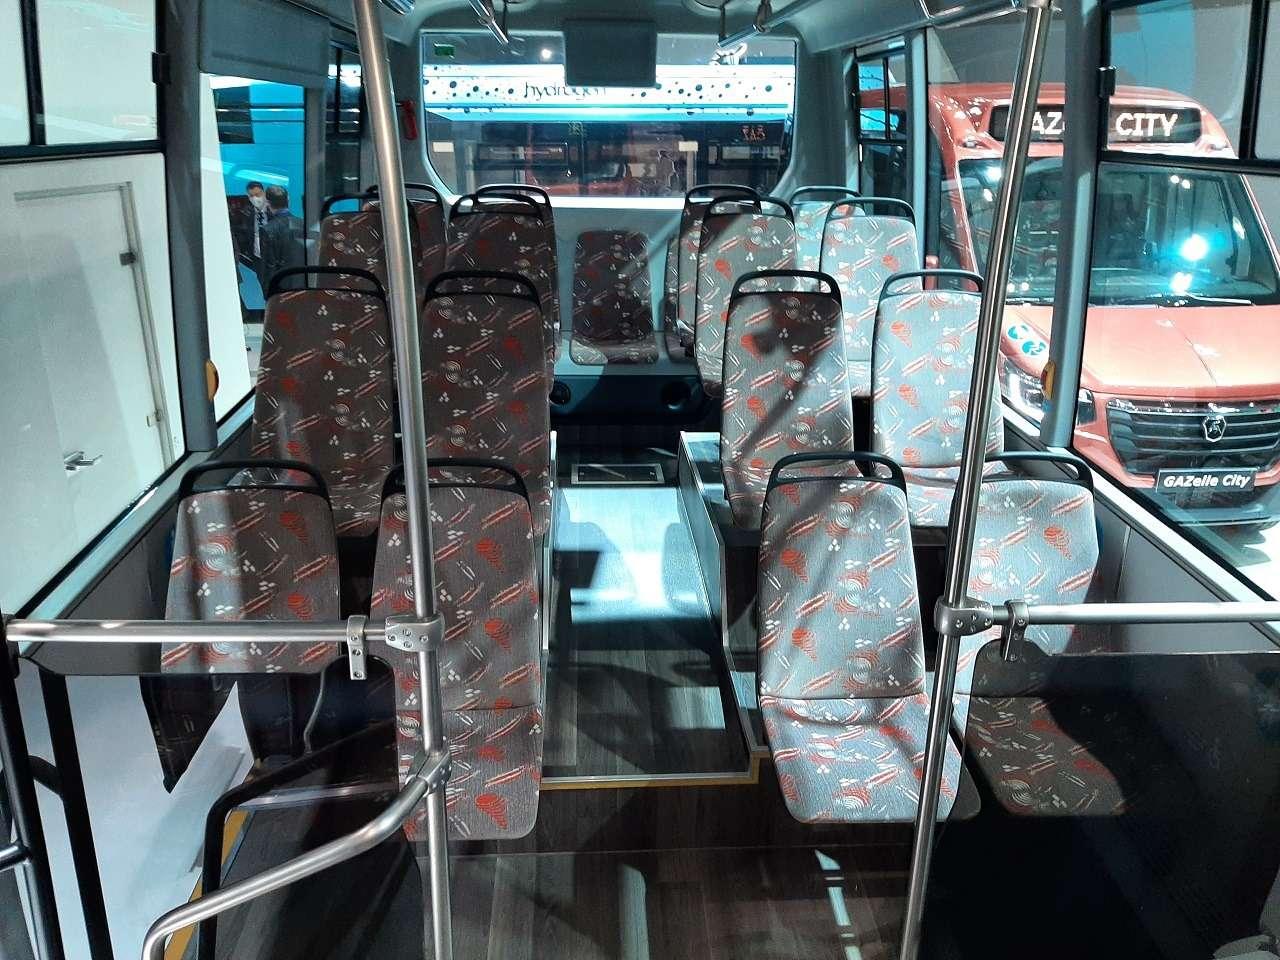 КакГАЗель, нобольше! ГАЗ показал автобус Валдай City— фото 1276214